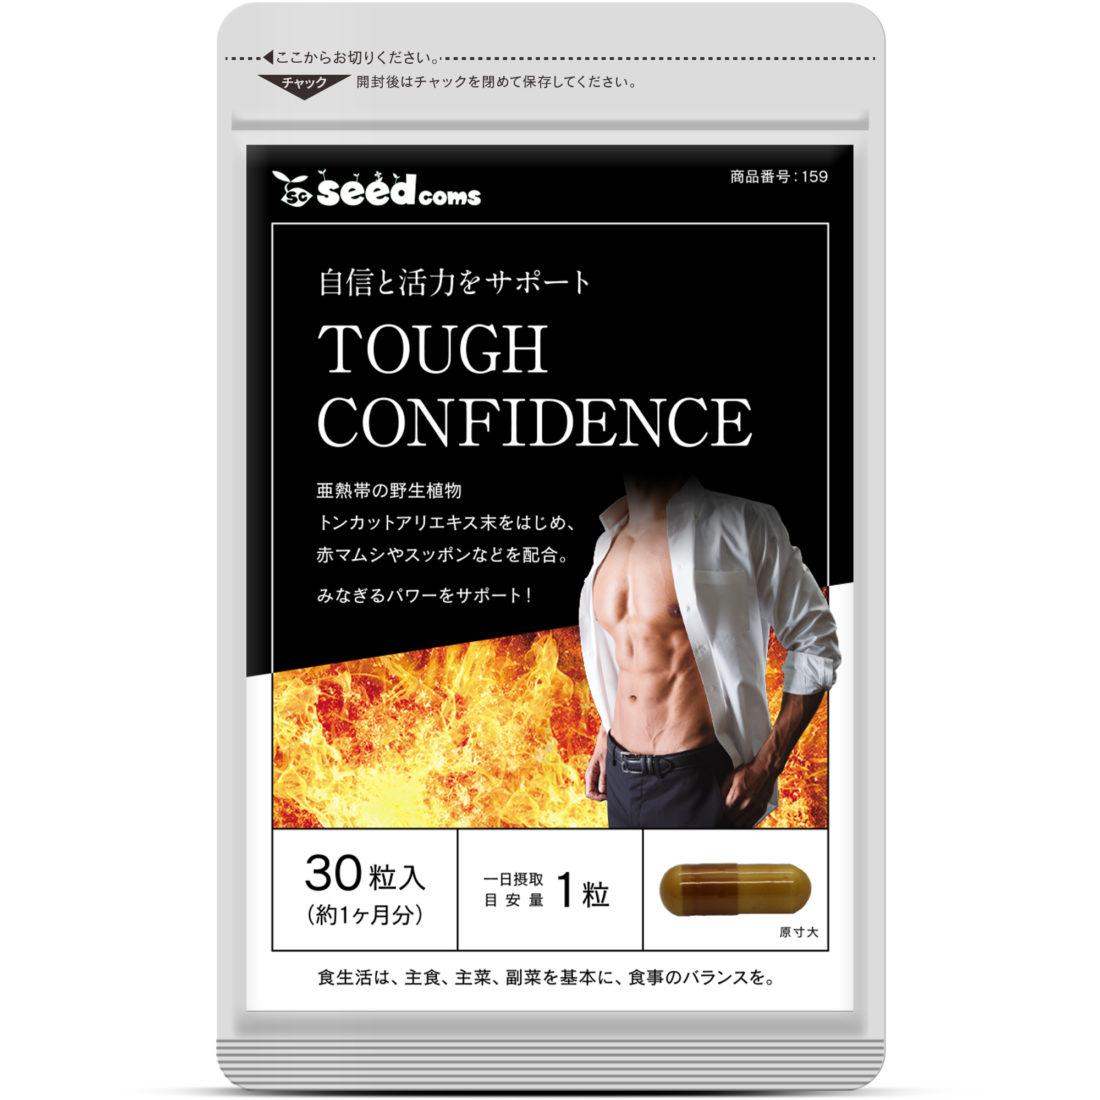 TOUGH CONFIDENCE タフコンフィデンス シードコムス seedcoms